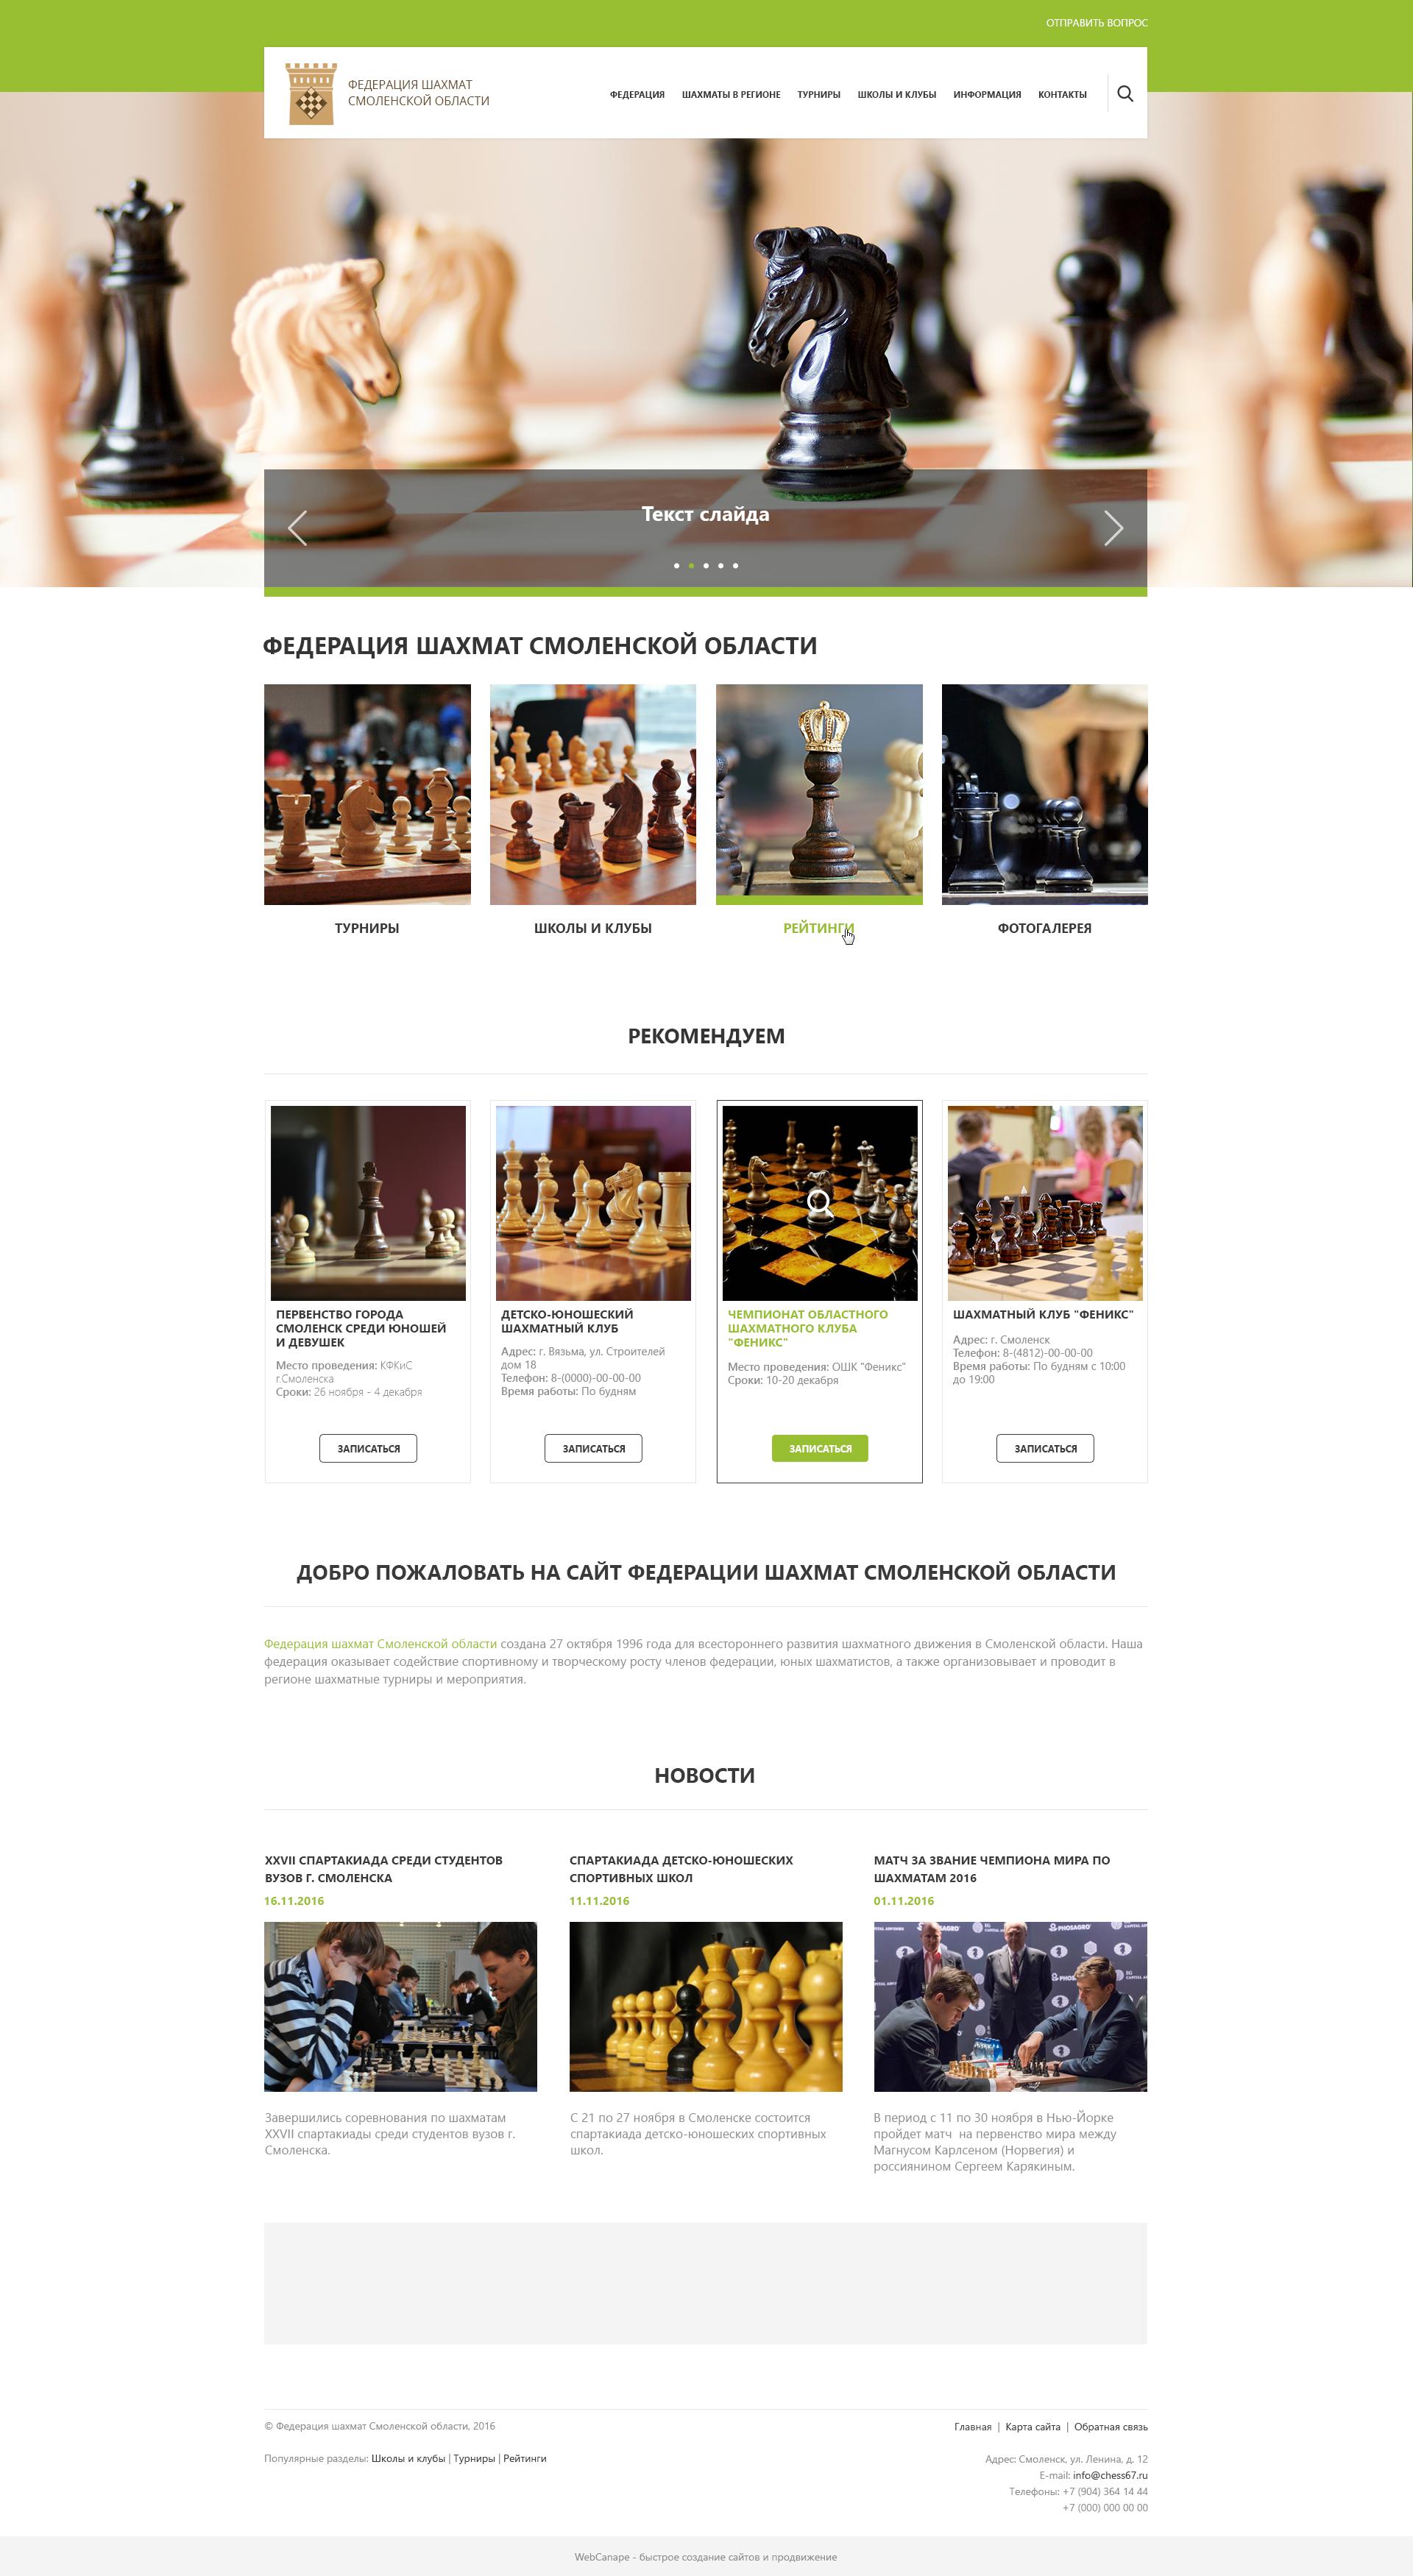 Сайт Федерации шахмат Смоленской области